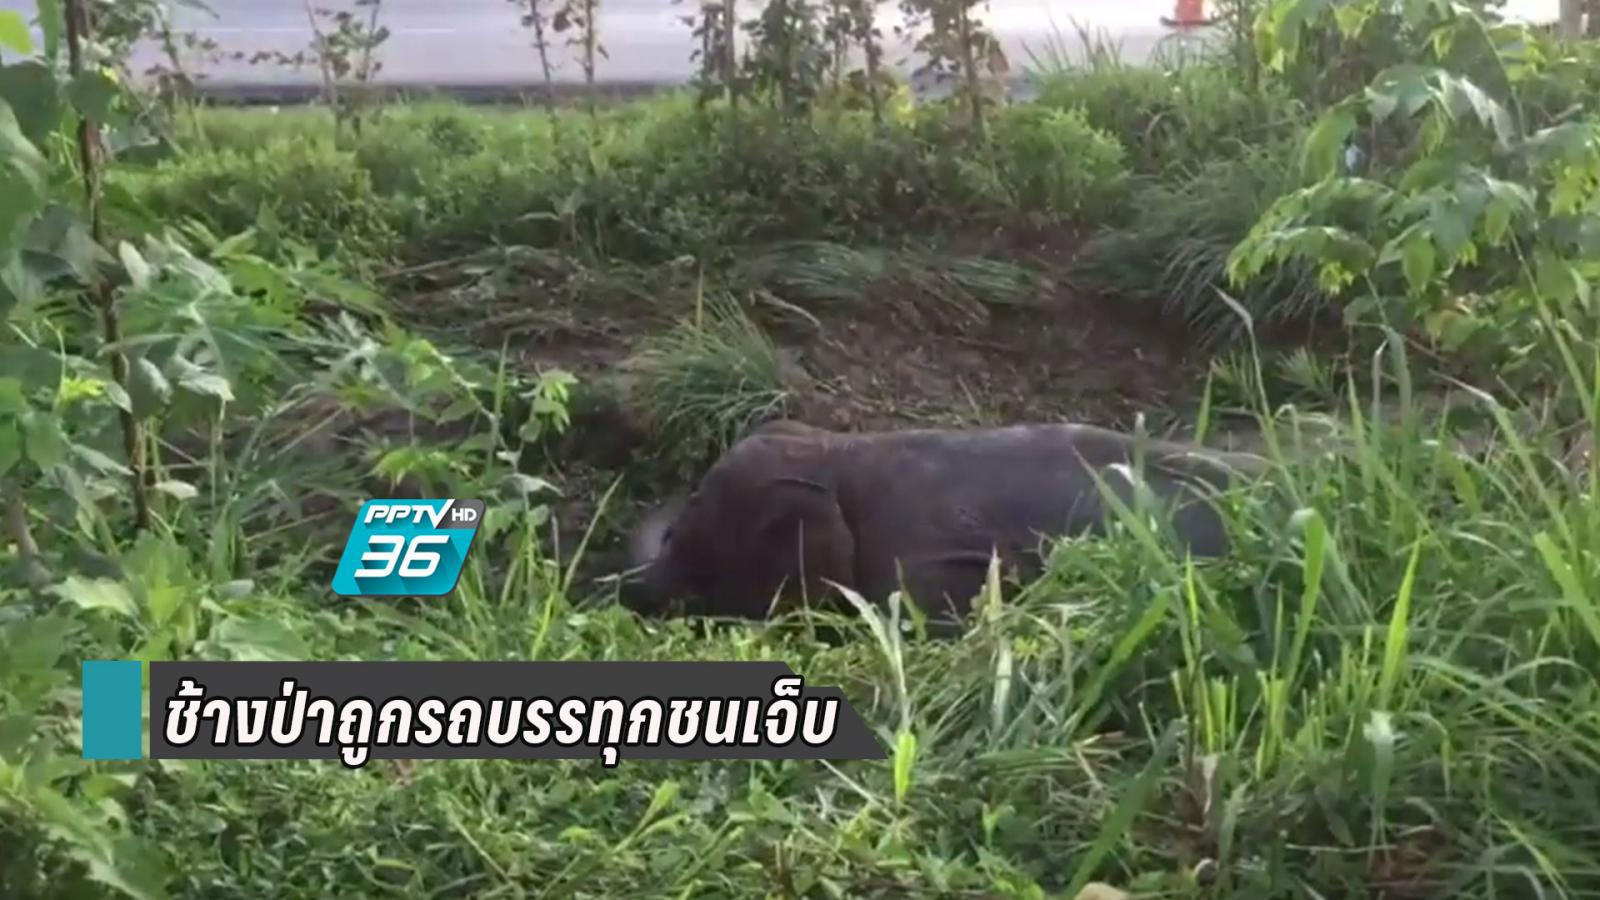 ช้างป่าออกหากิน เดินข้ามถนน คนขับรถบรรทุกมองไม่เห็น ชนเจ็บ